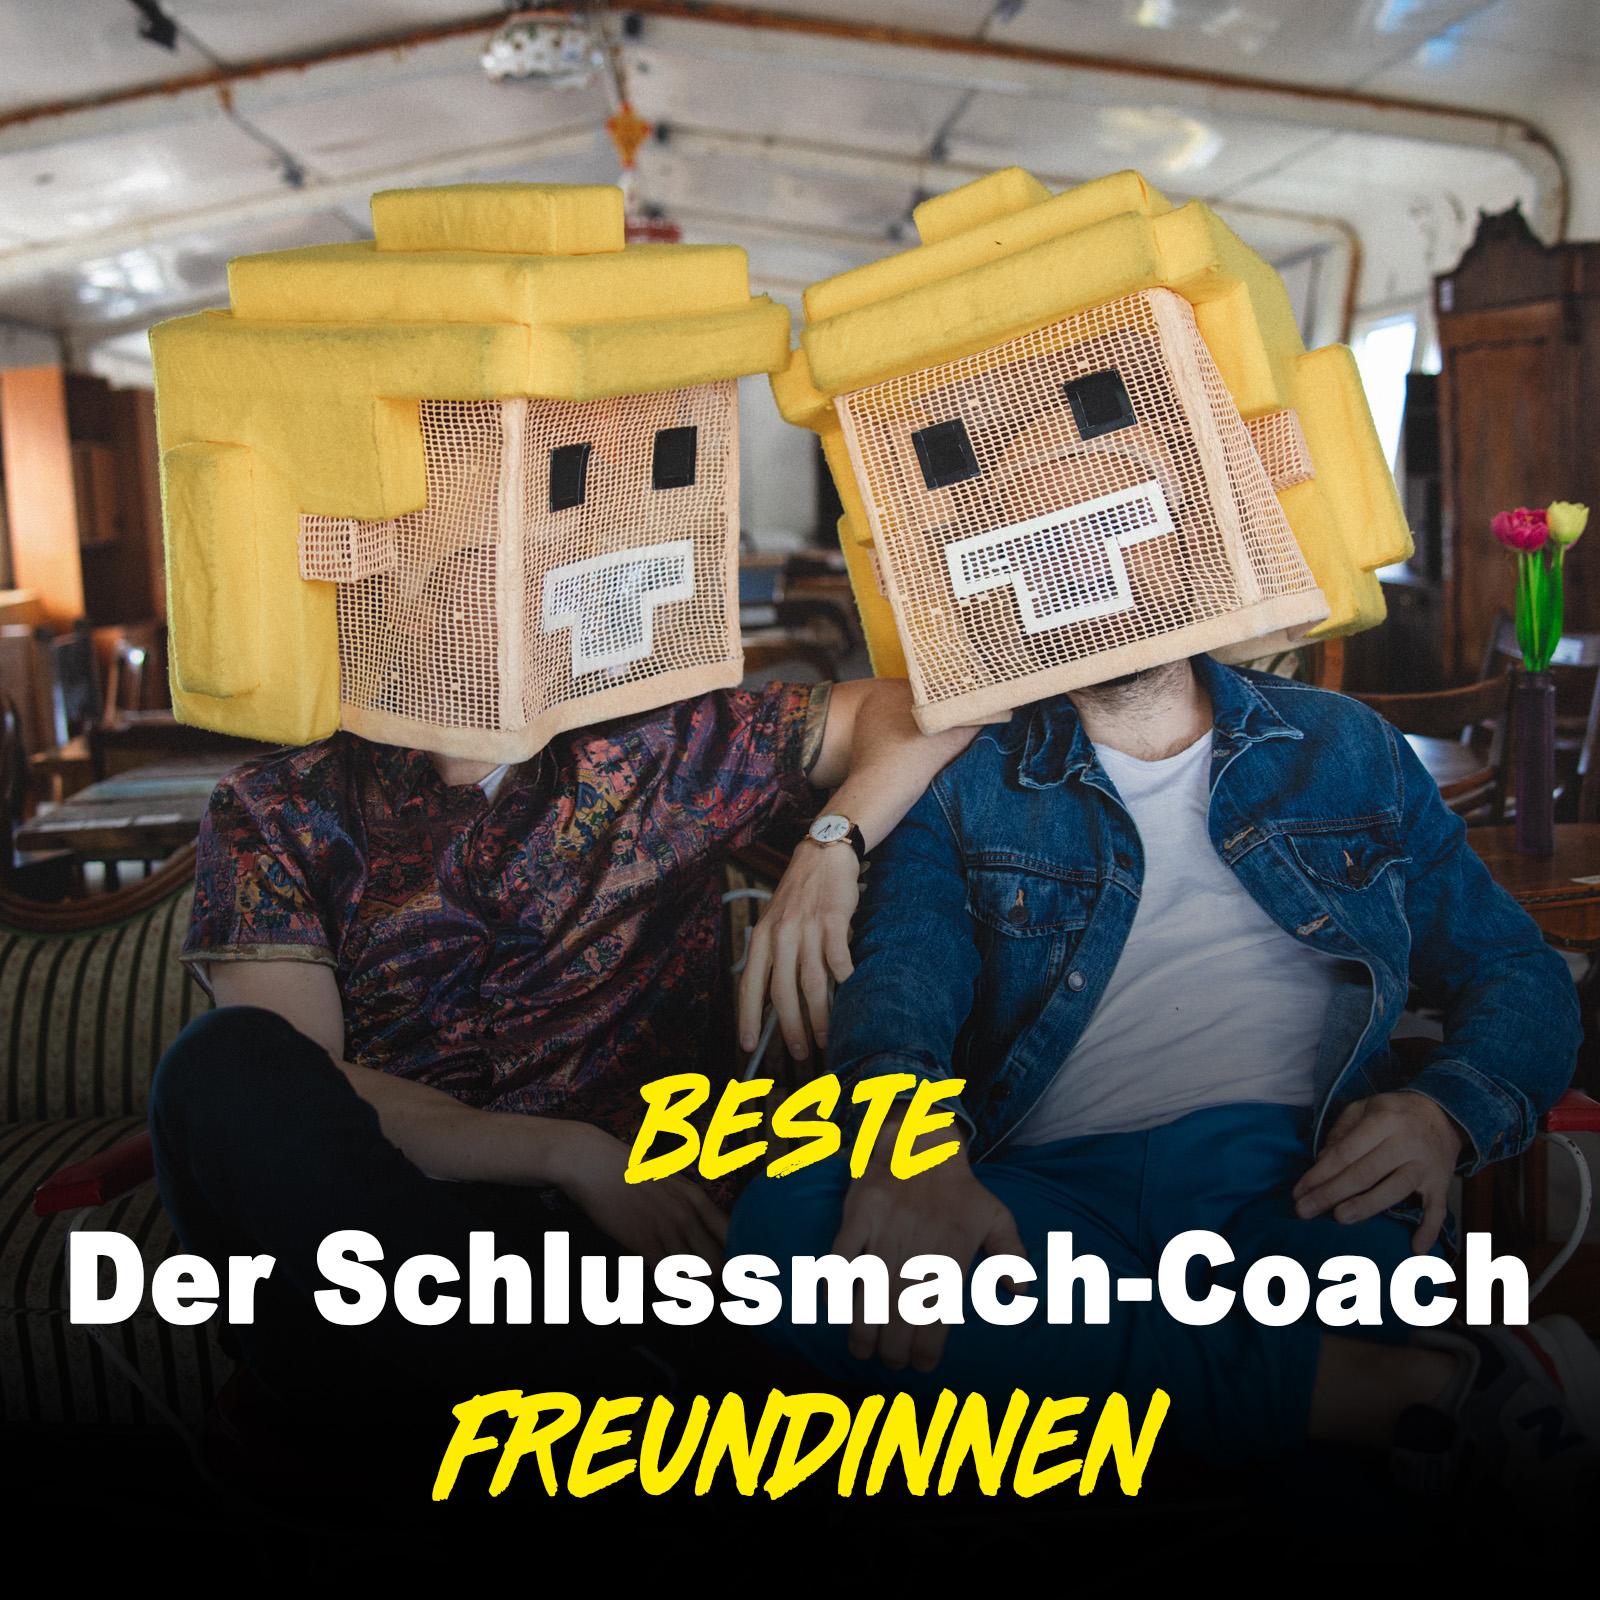 Der Schlussmach-Coach